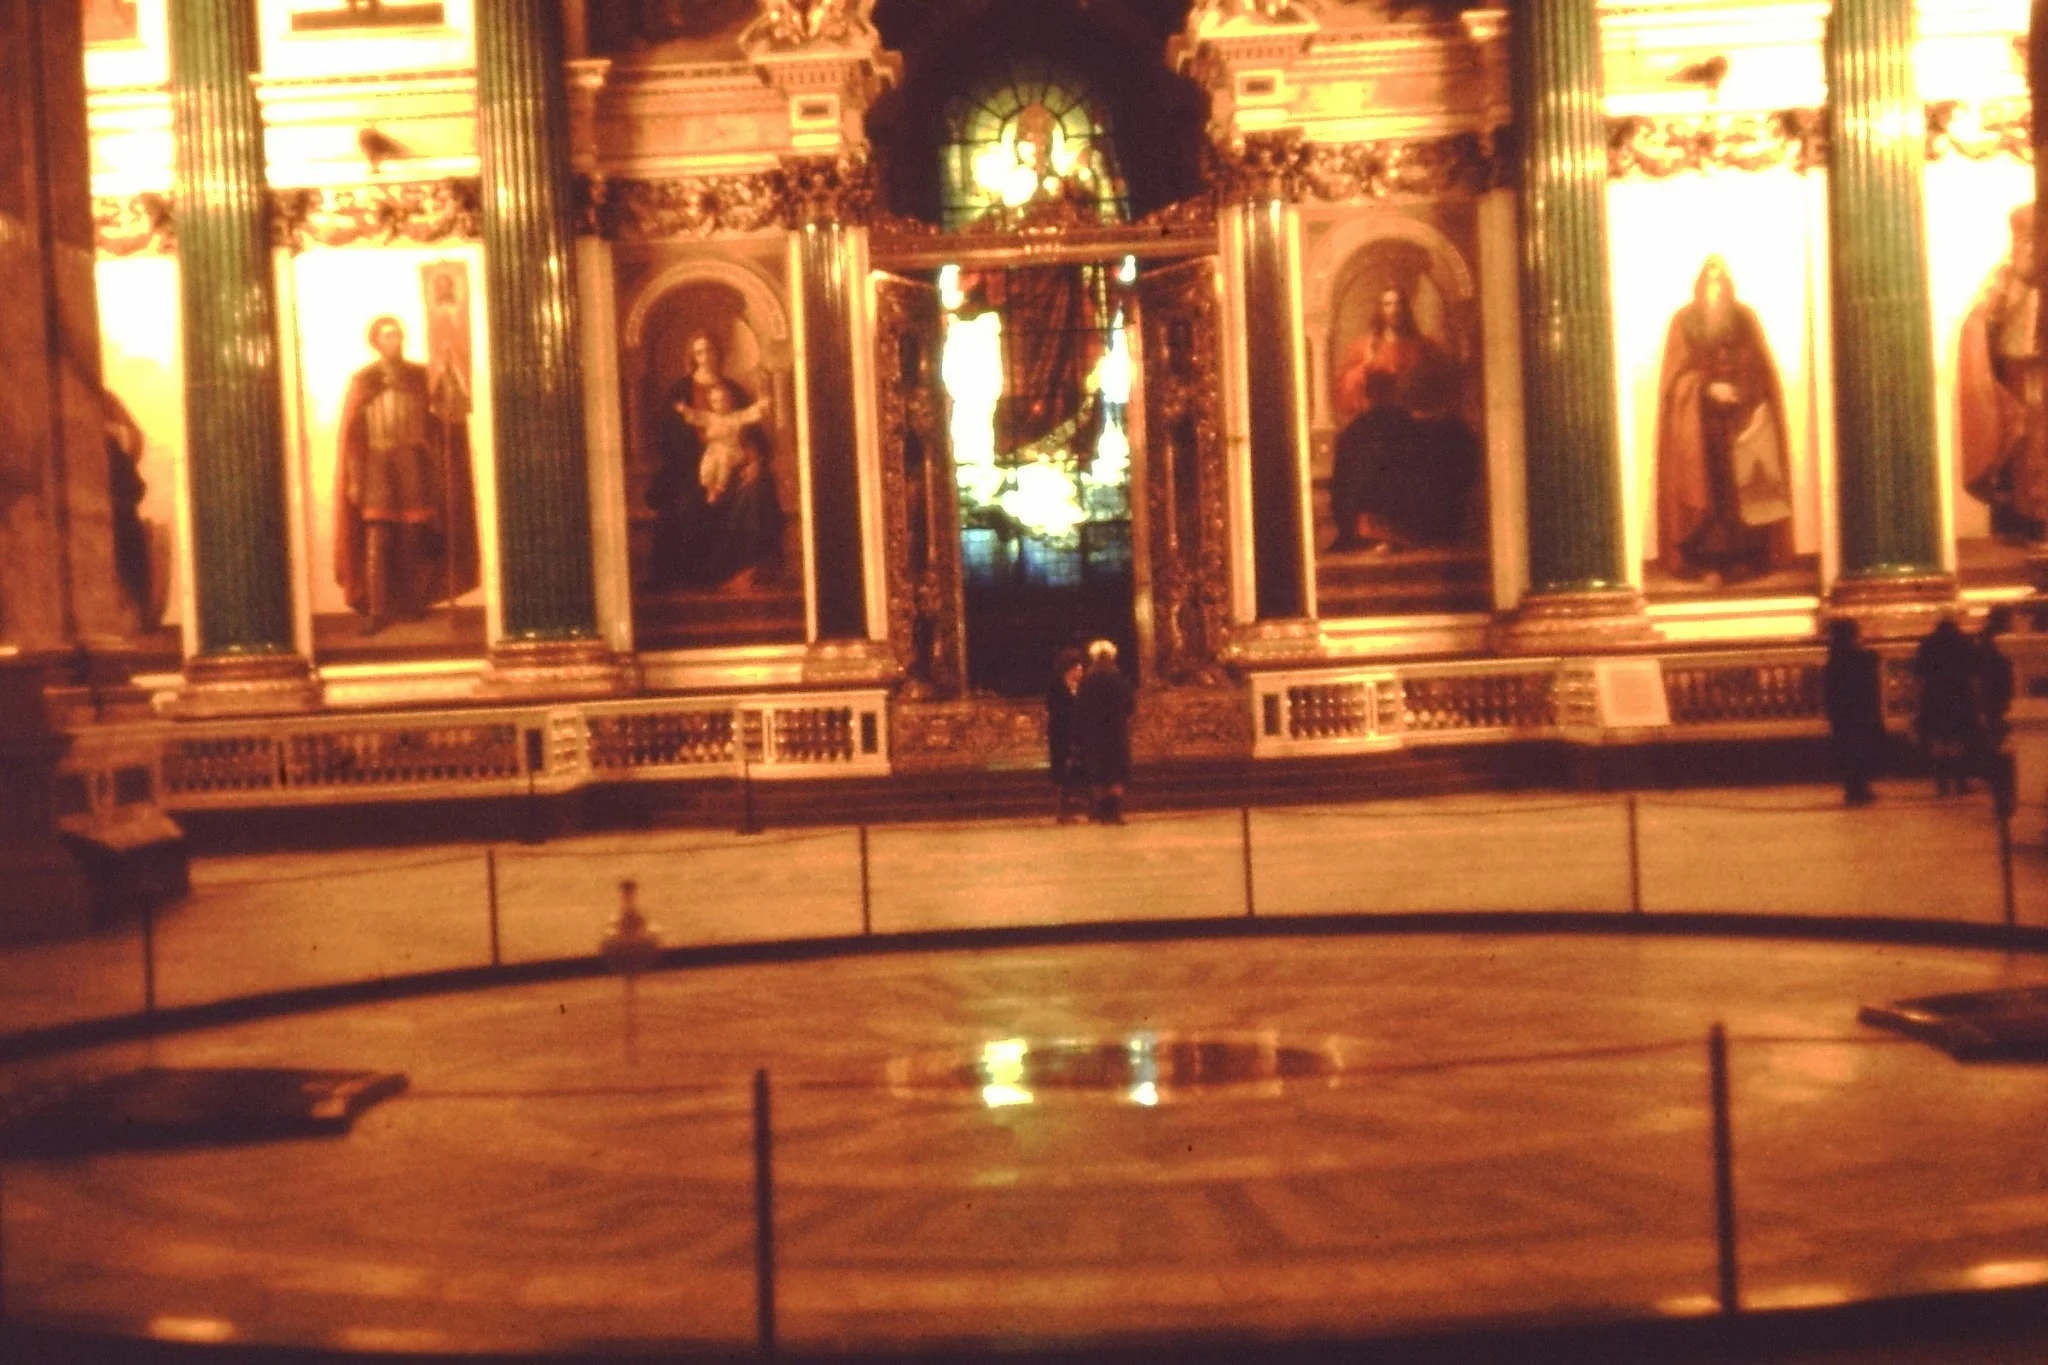 18. Исаакиевский собор. Демонстрация маятника Фуко, который доказывает, что земля вращается